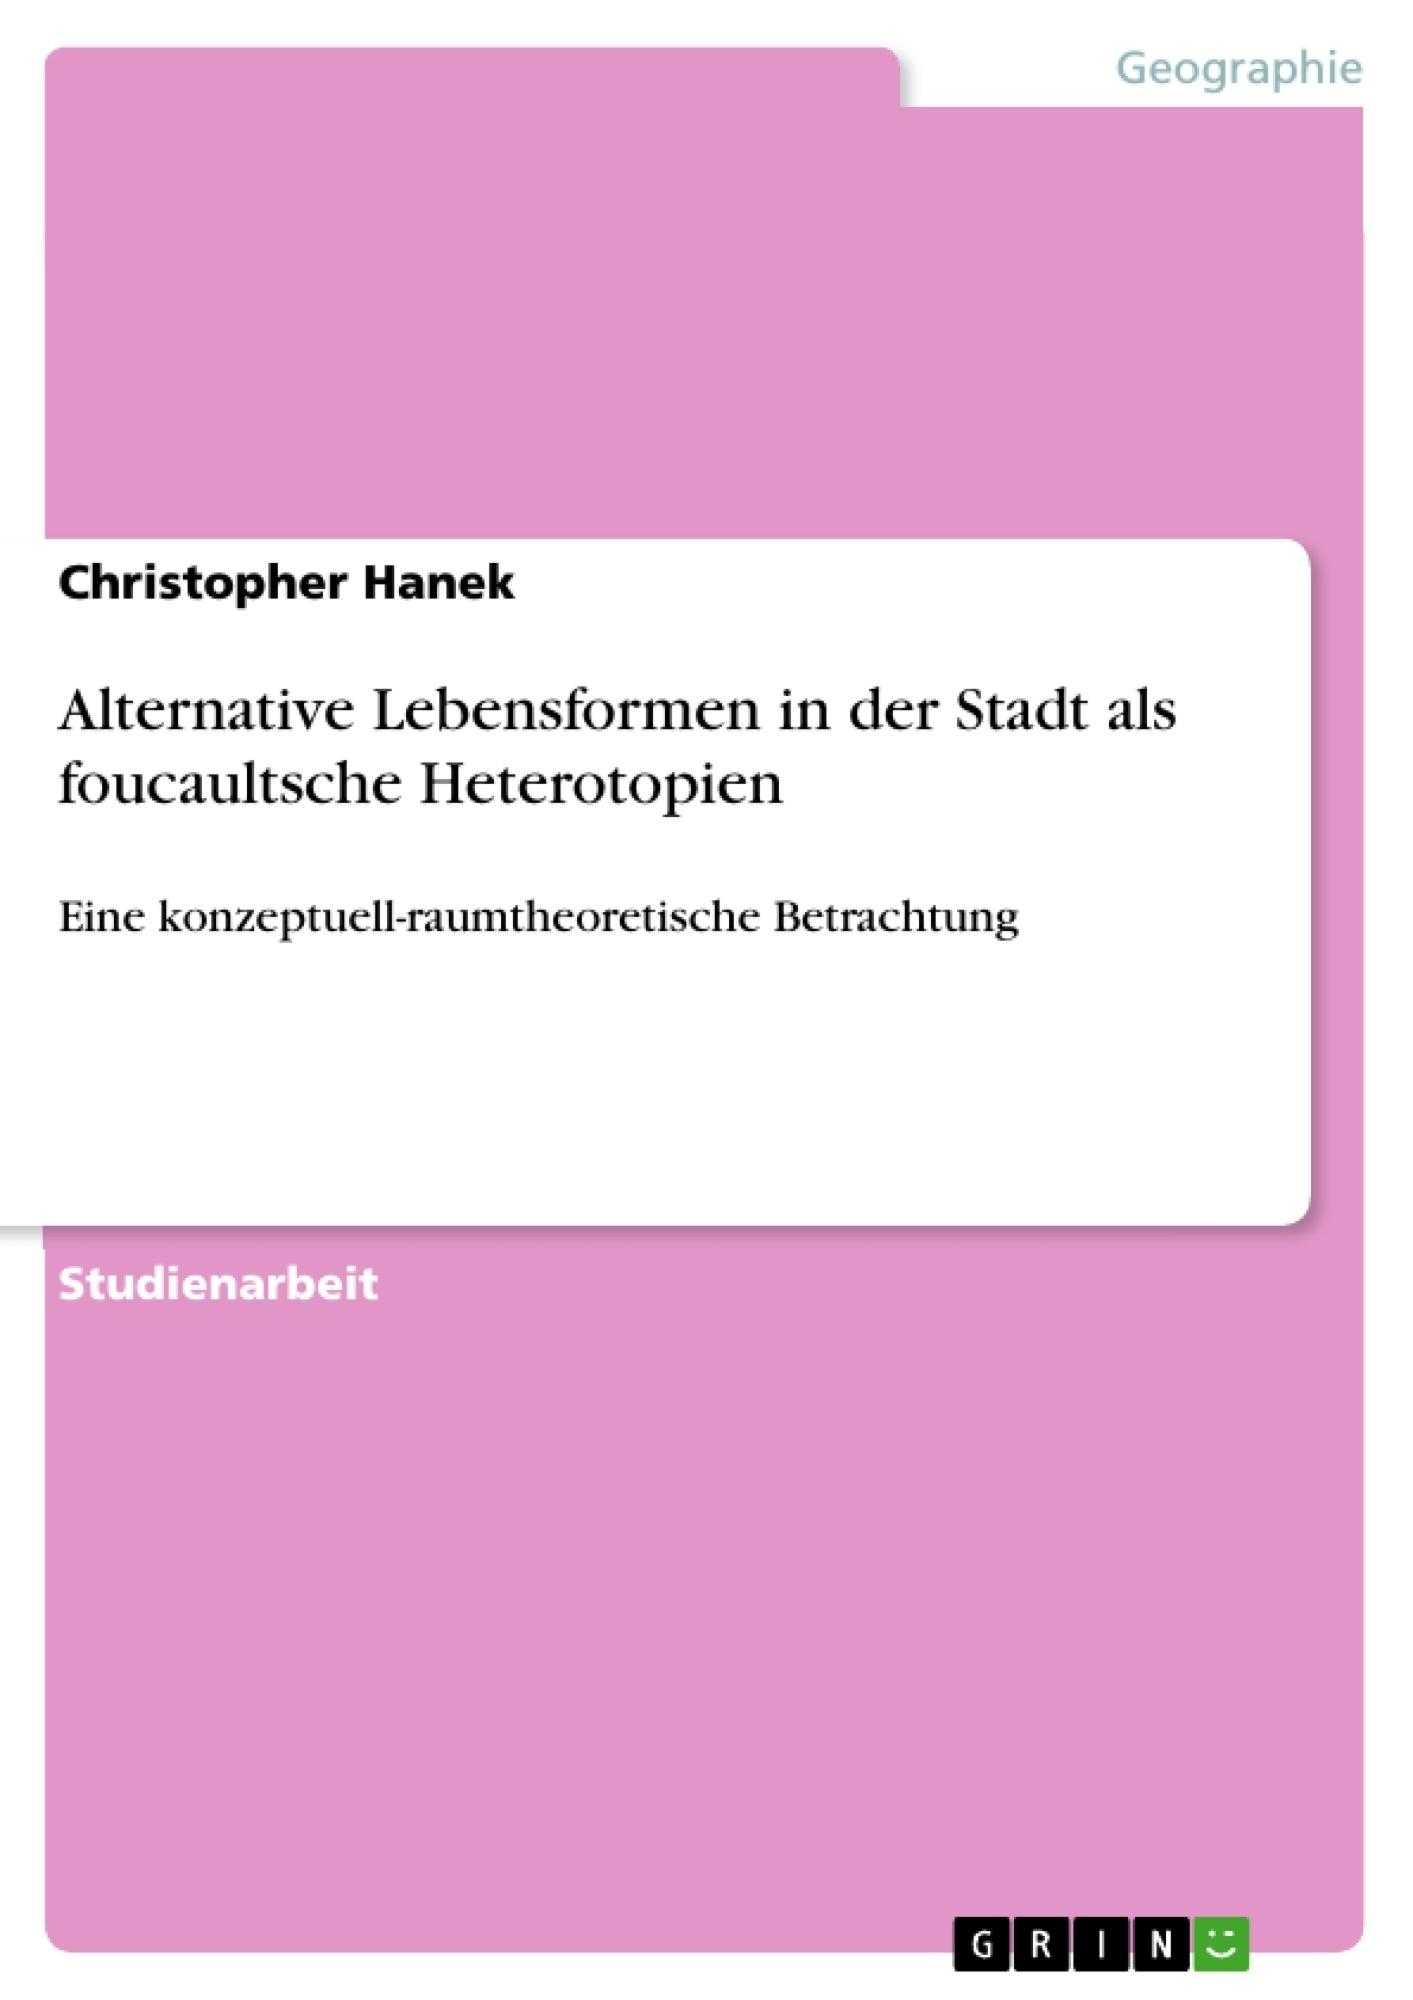 Titel: Alternative Lebensformen in der Stadt als foucaultsche Heterotopien